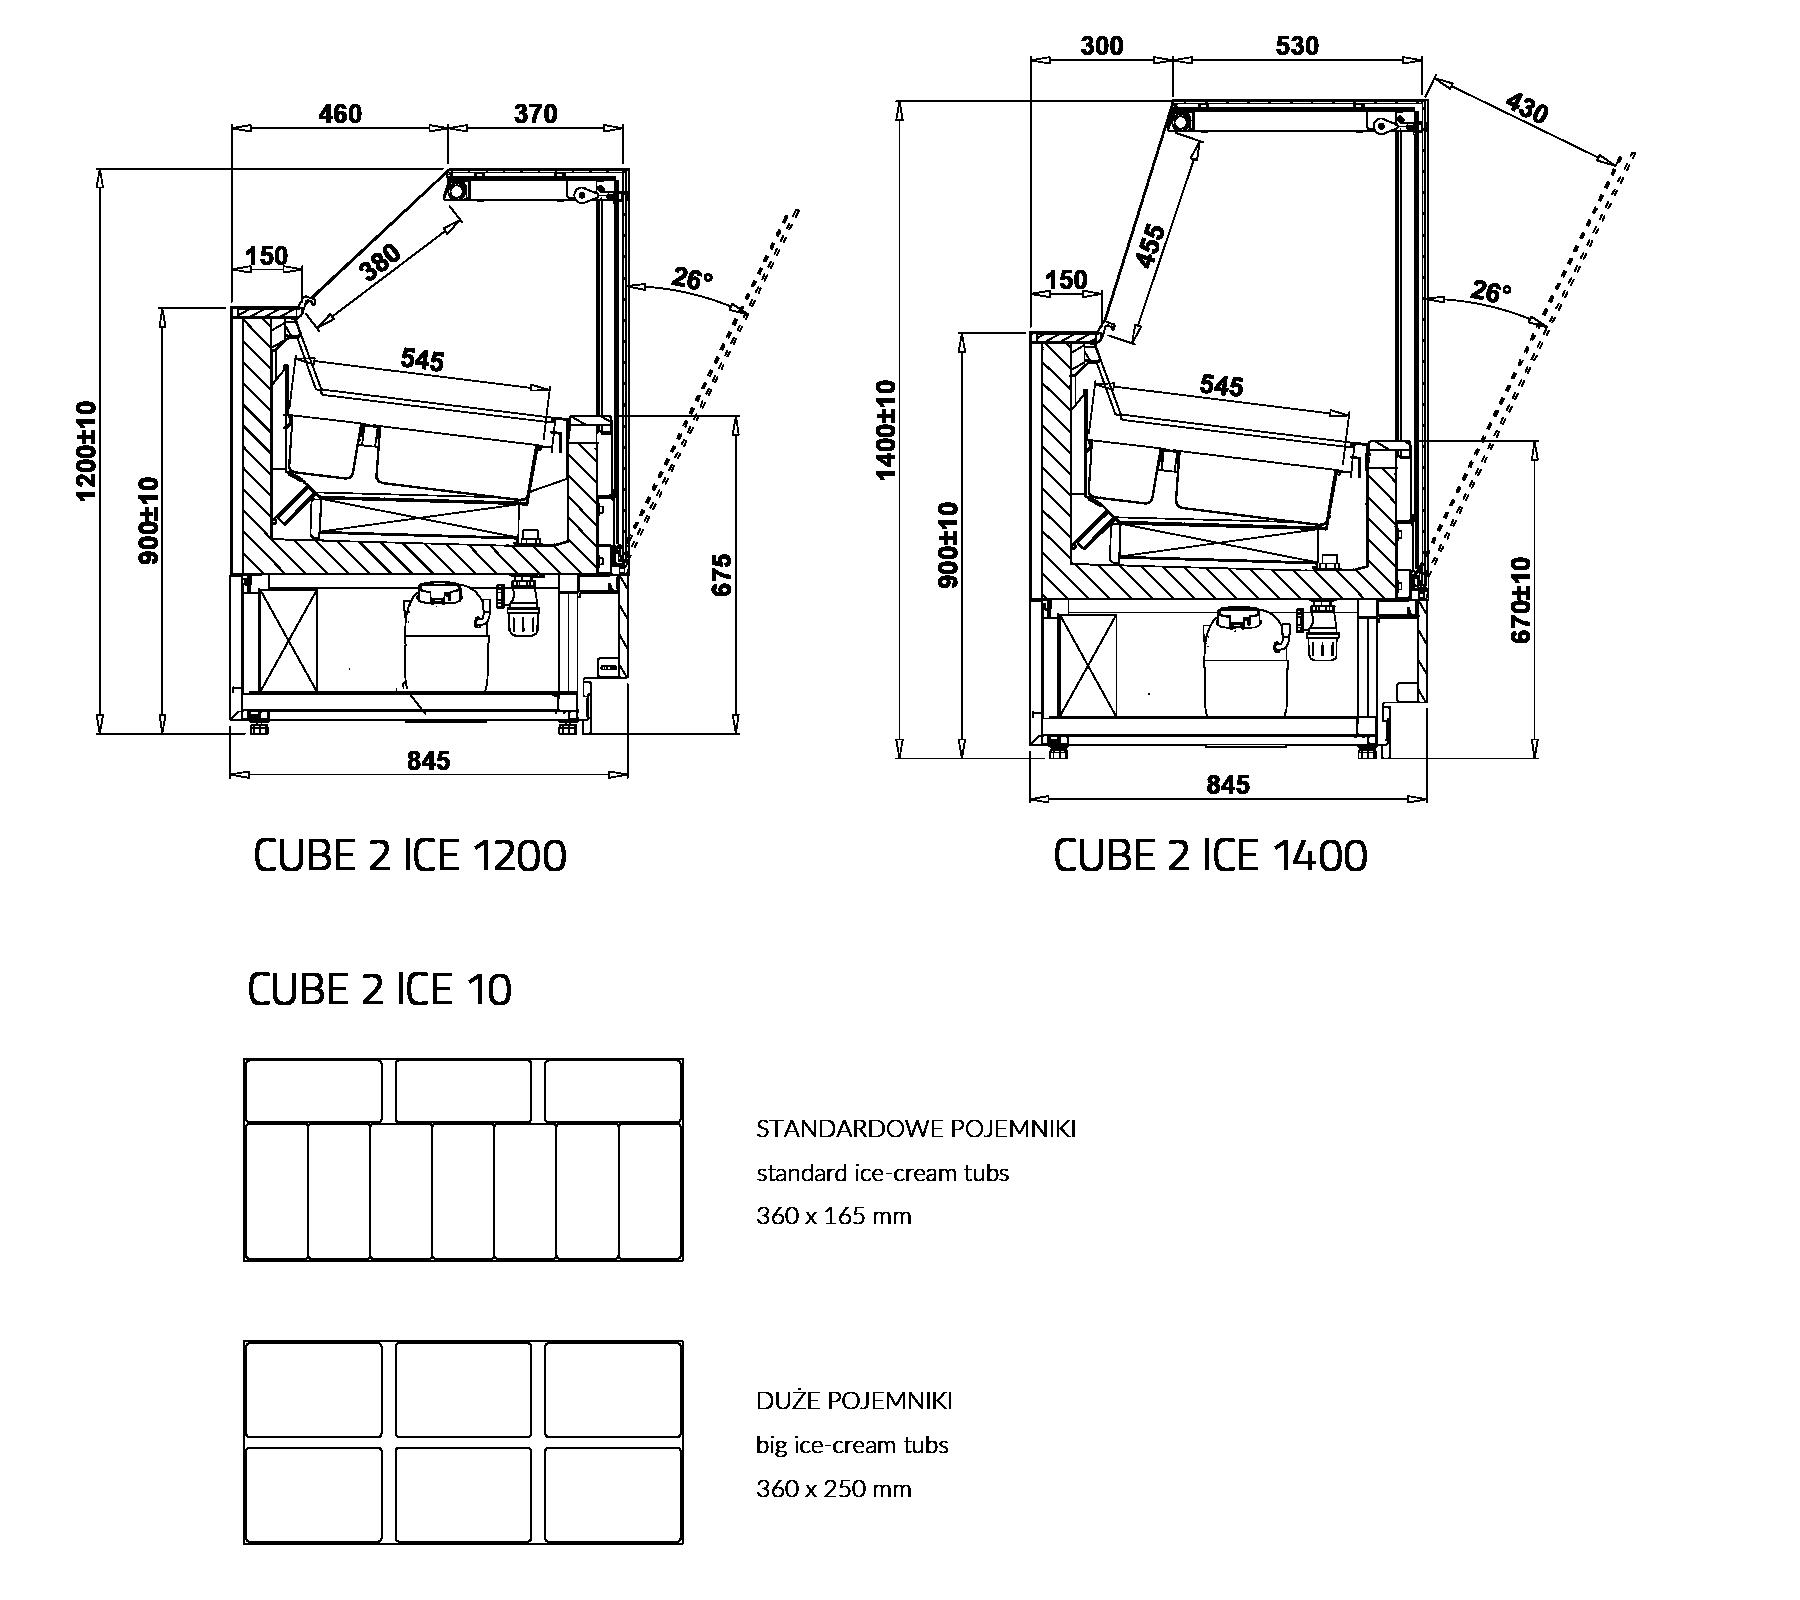 Rysunek techniczny Dystrybutor do lodów CUBE 2 ICE MOD C